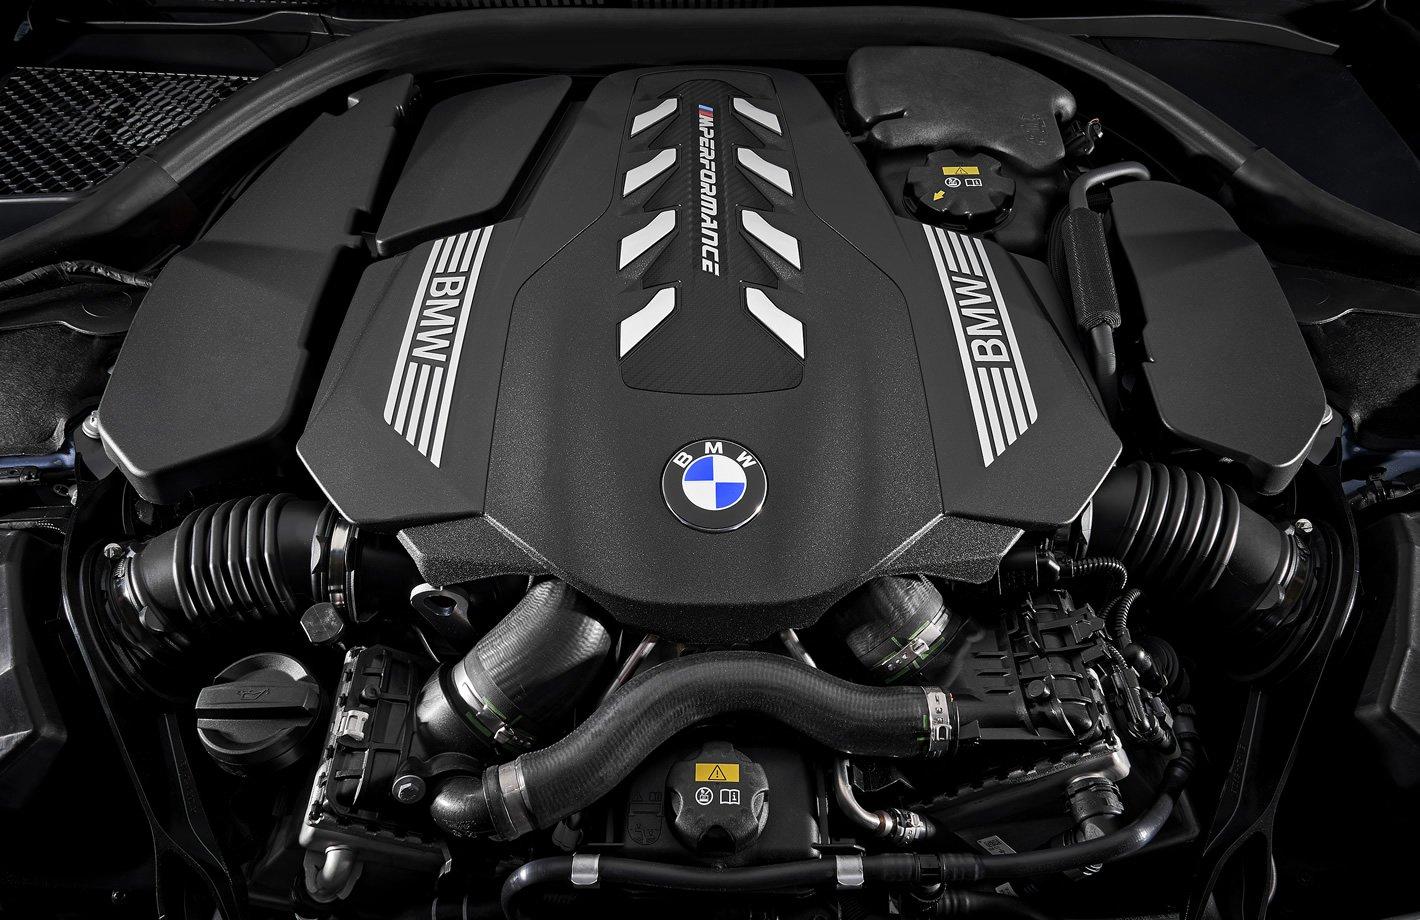 BMW M850i xDrive - silnik 4.4 l o mocy 530 KM